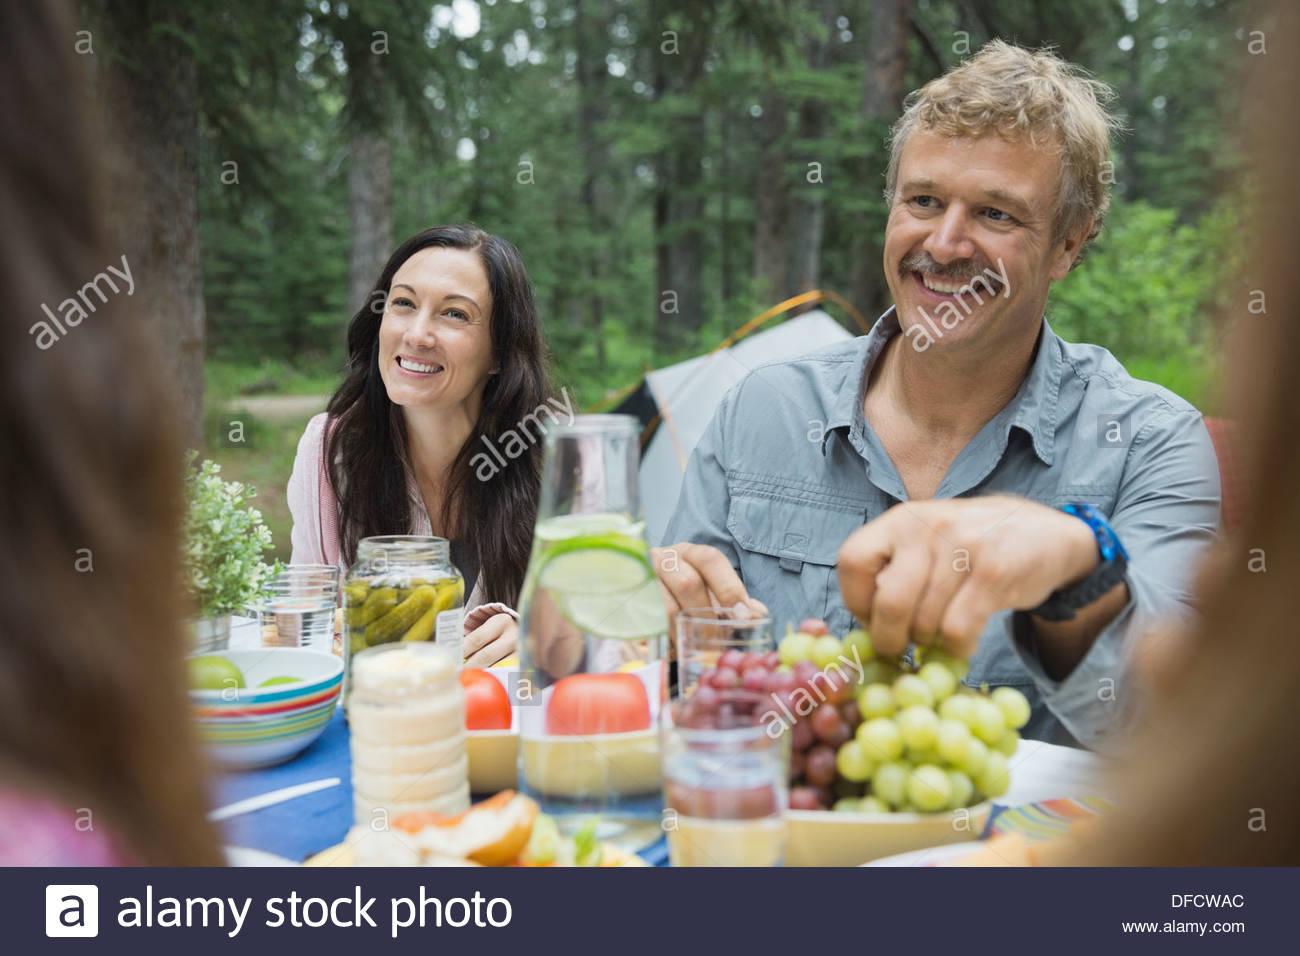 Avoir deux repas en famille au camping Photo Stock